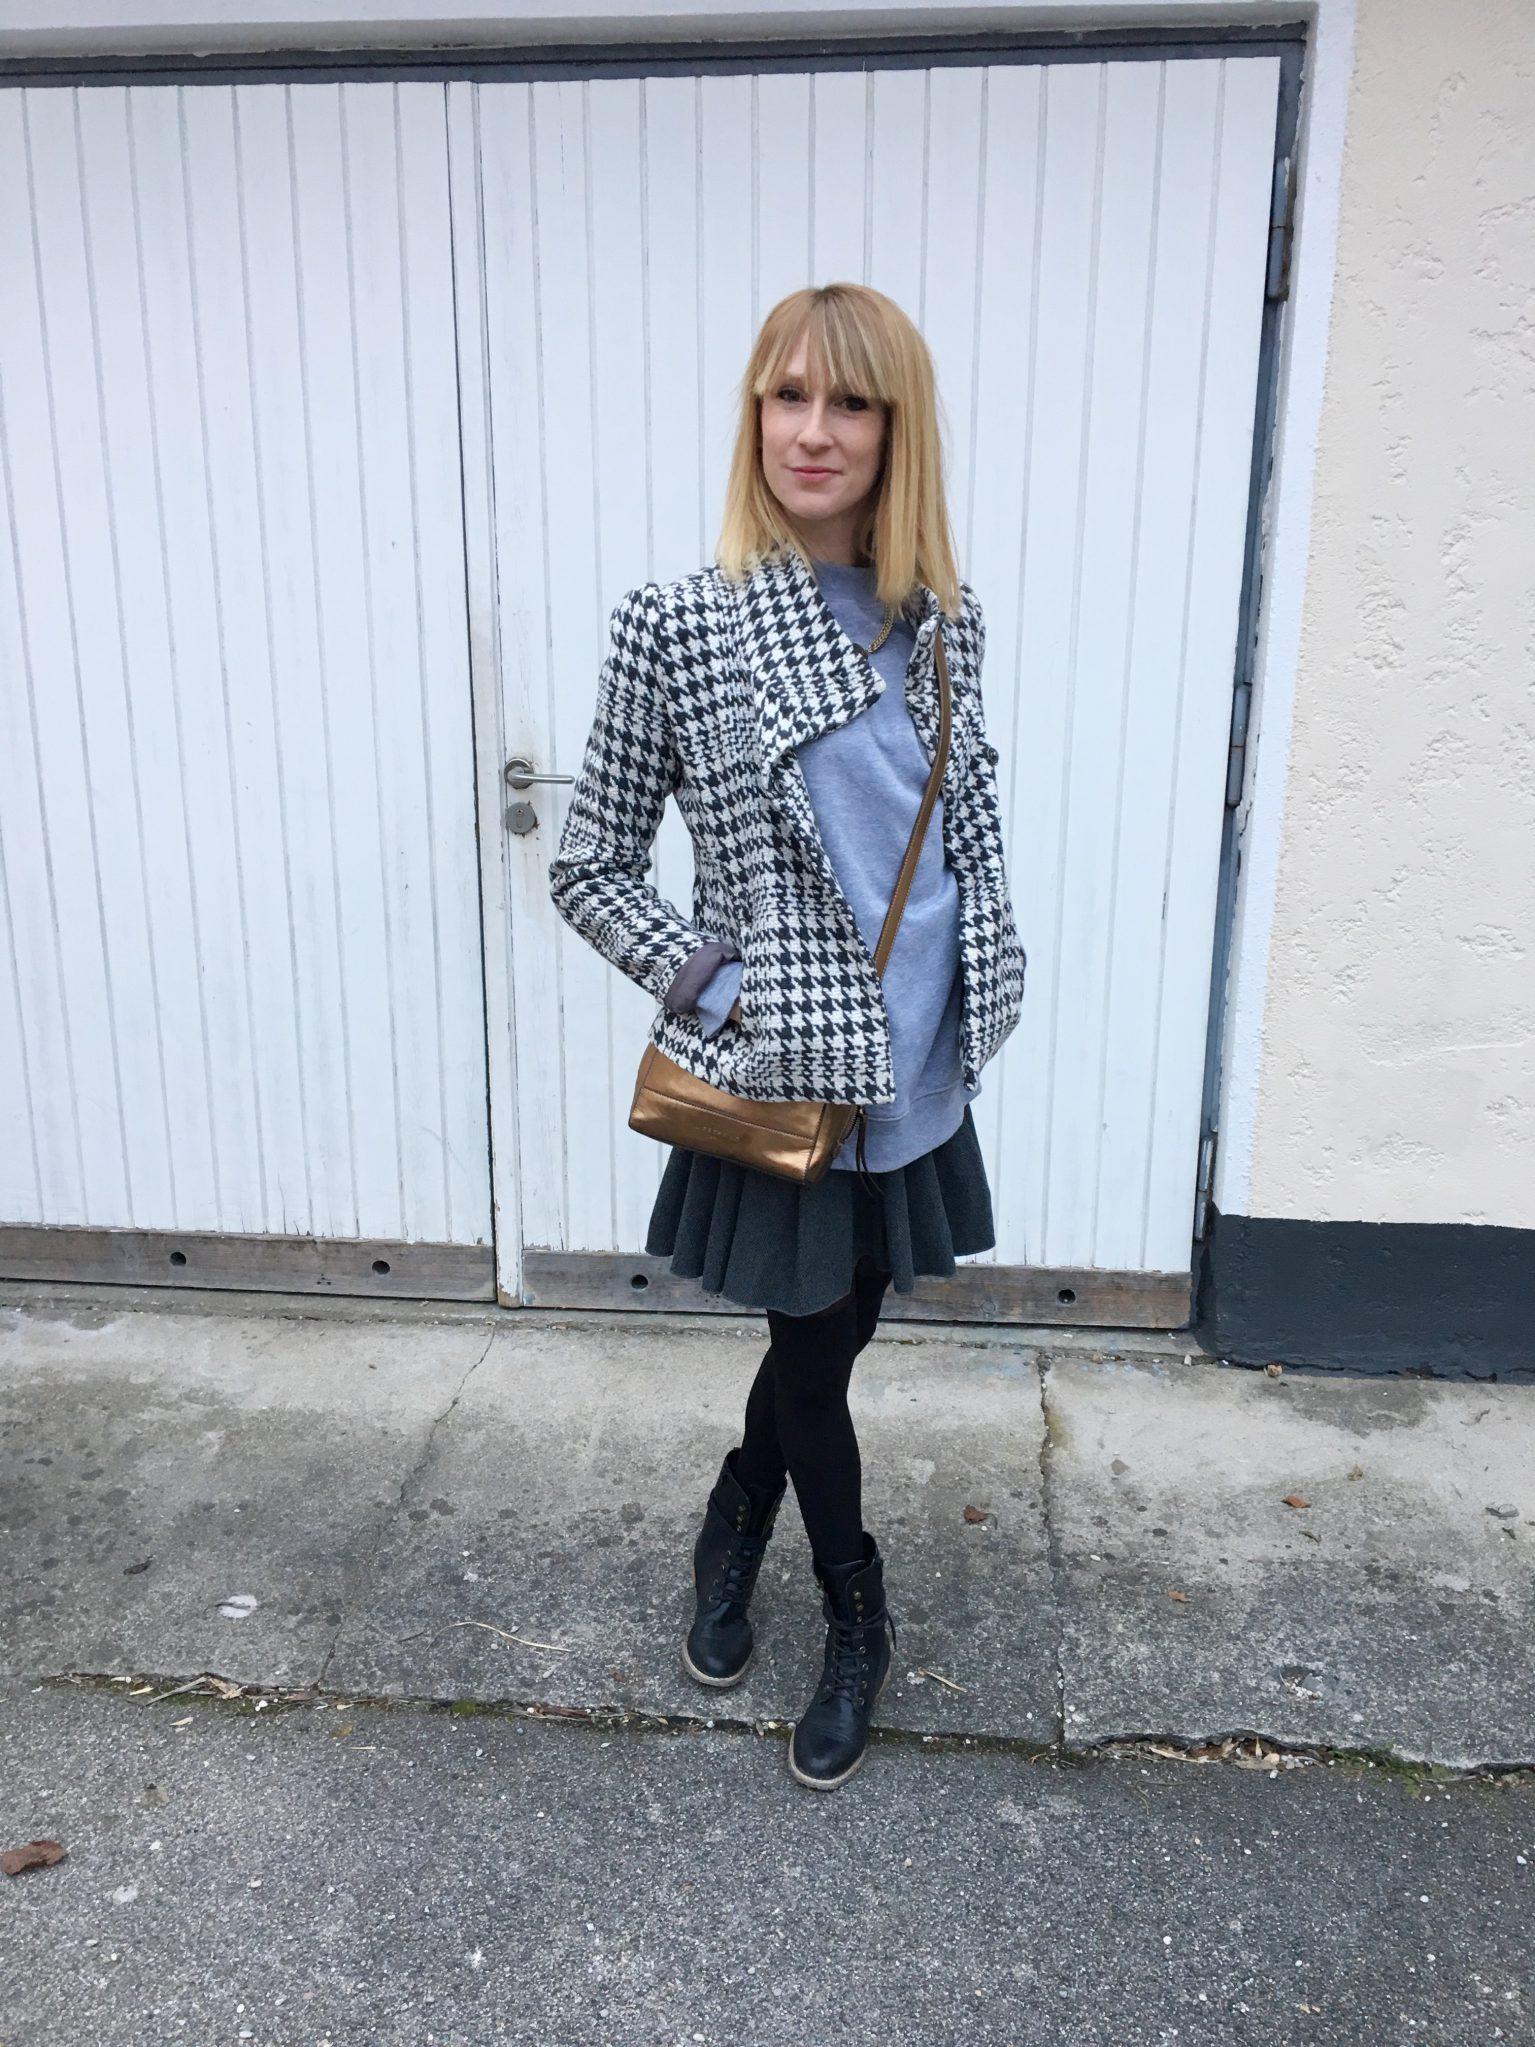 Ausgehlook: Ein Sweater zum kurzen Rock